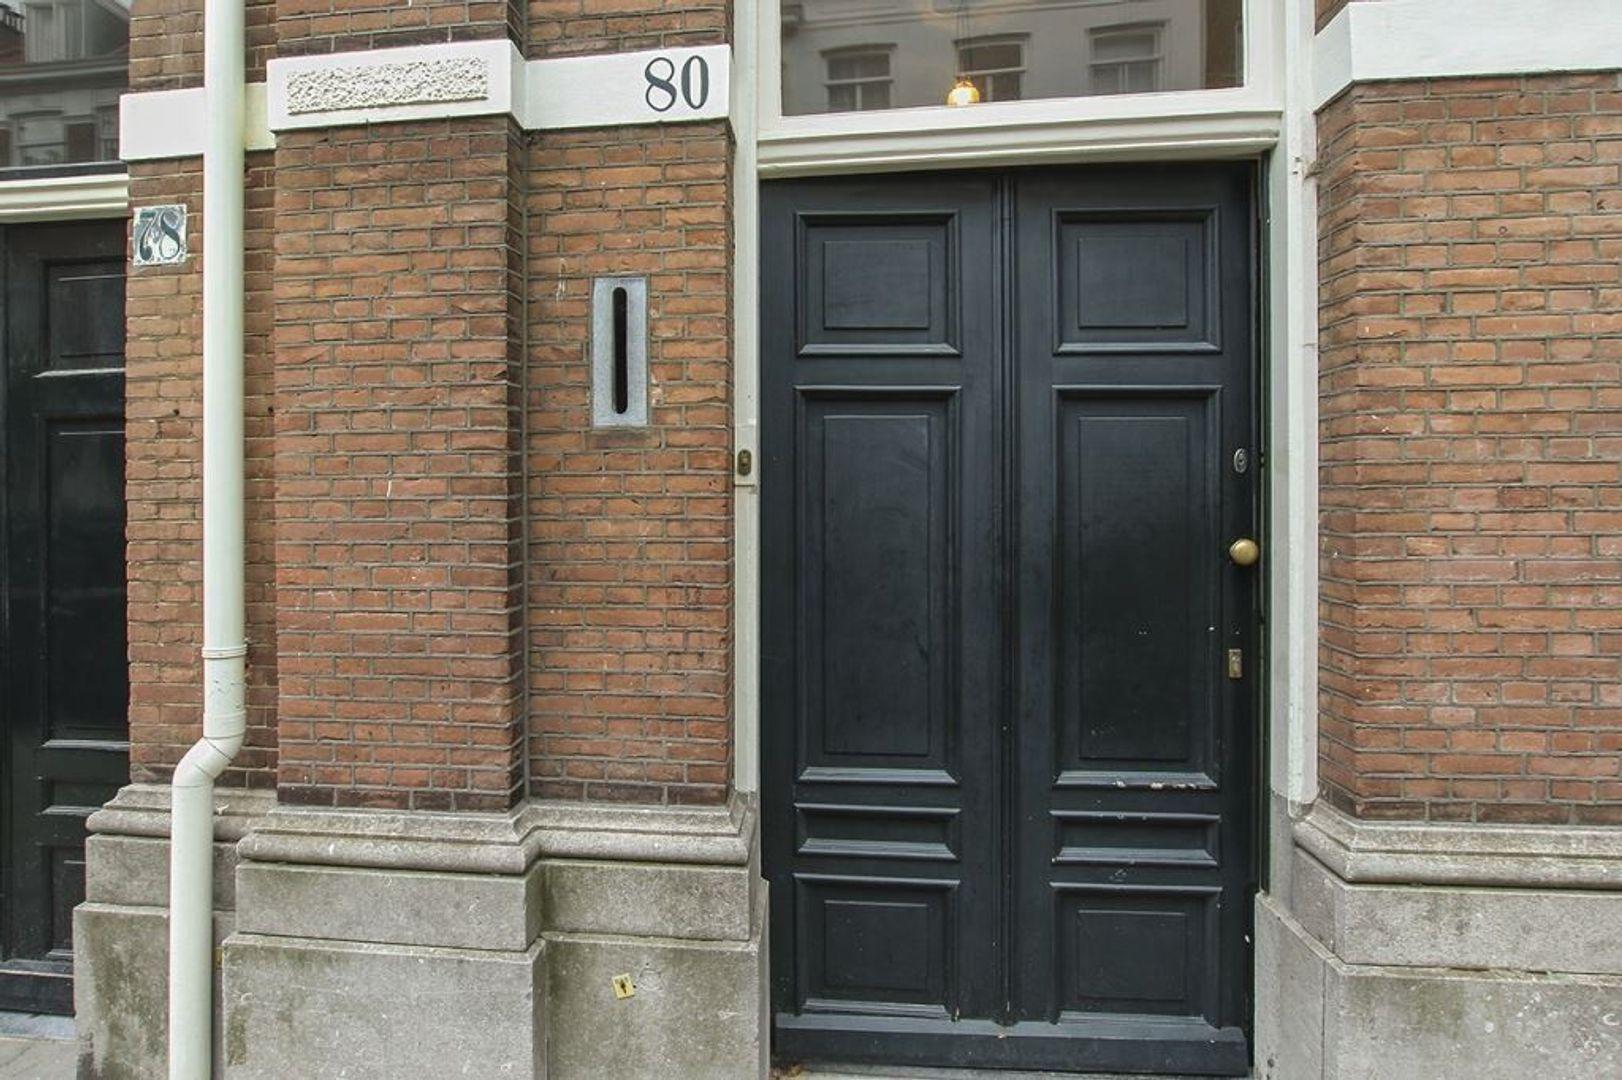 Celebesstraat 80, Den Haag foto-1